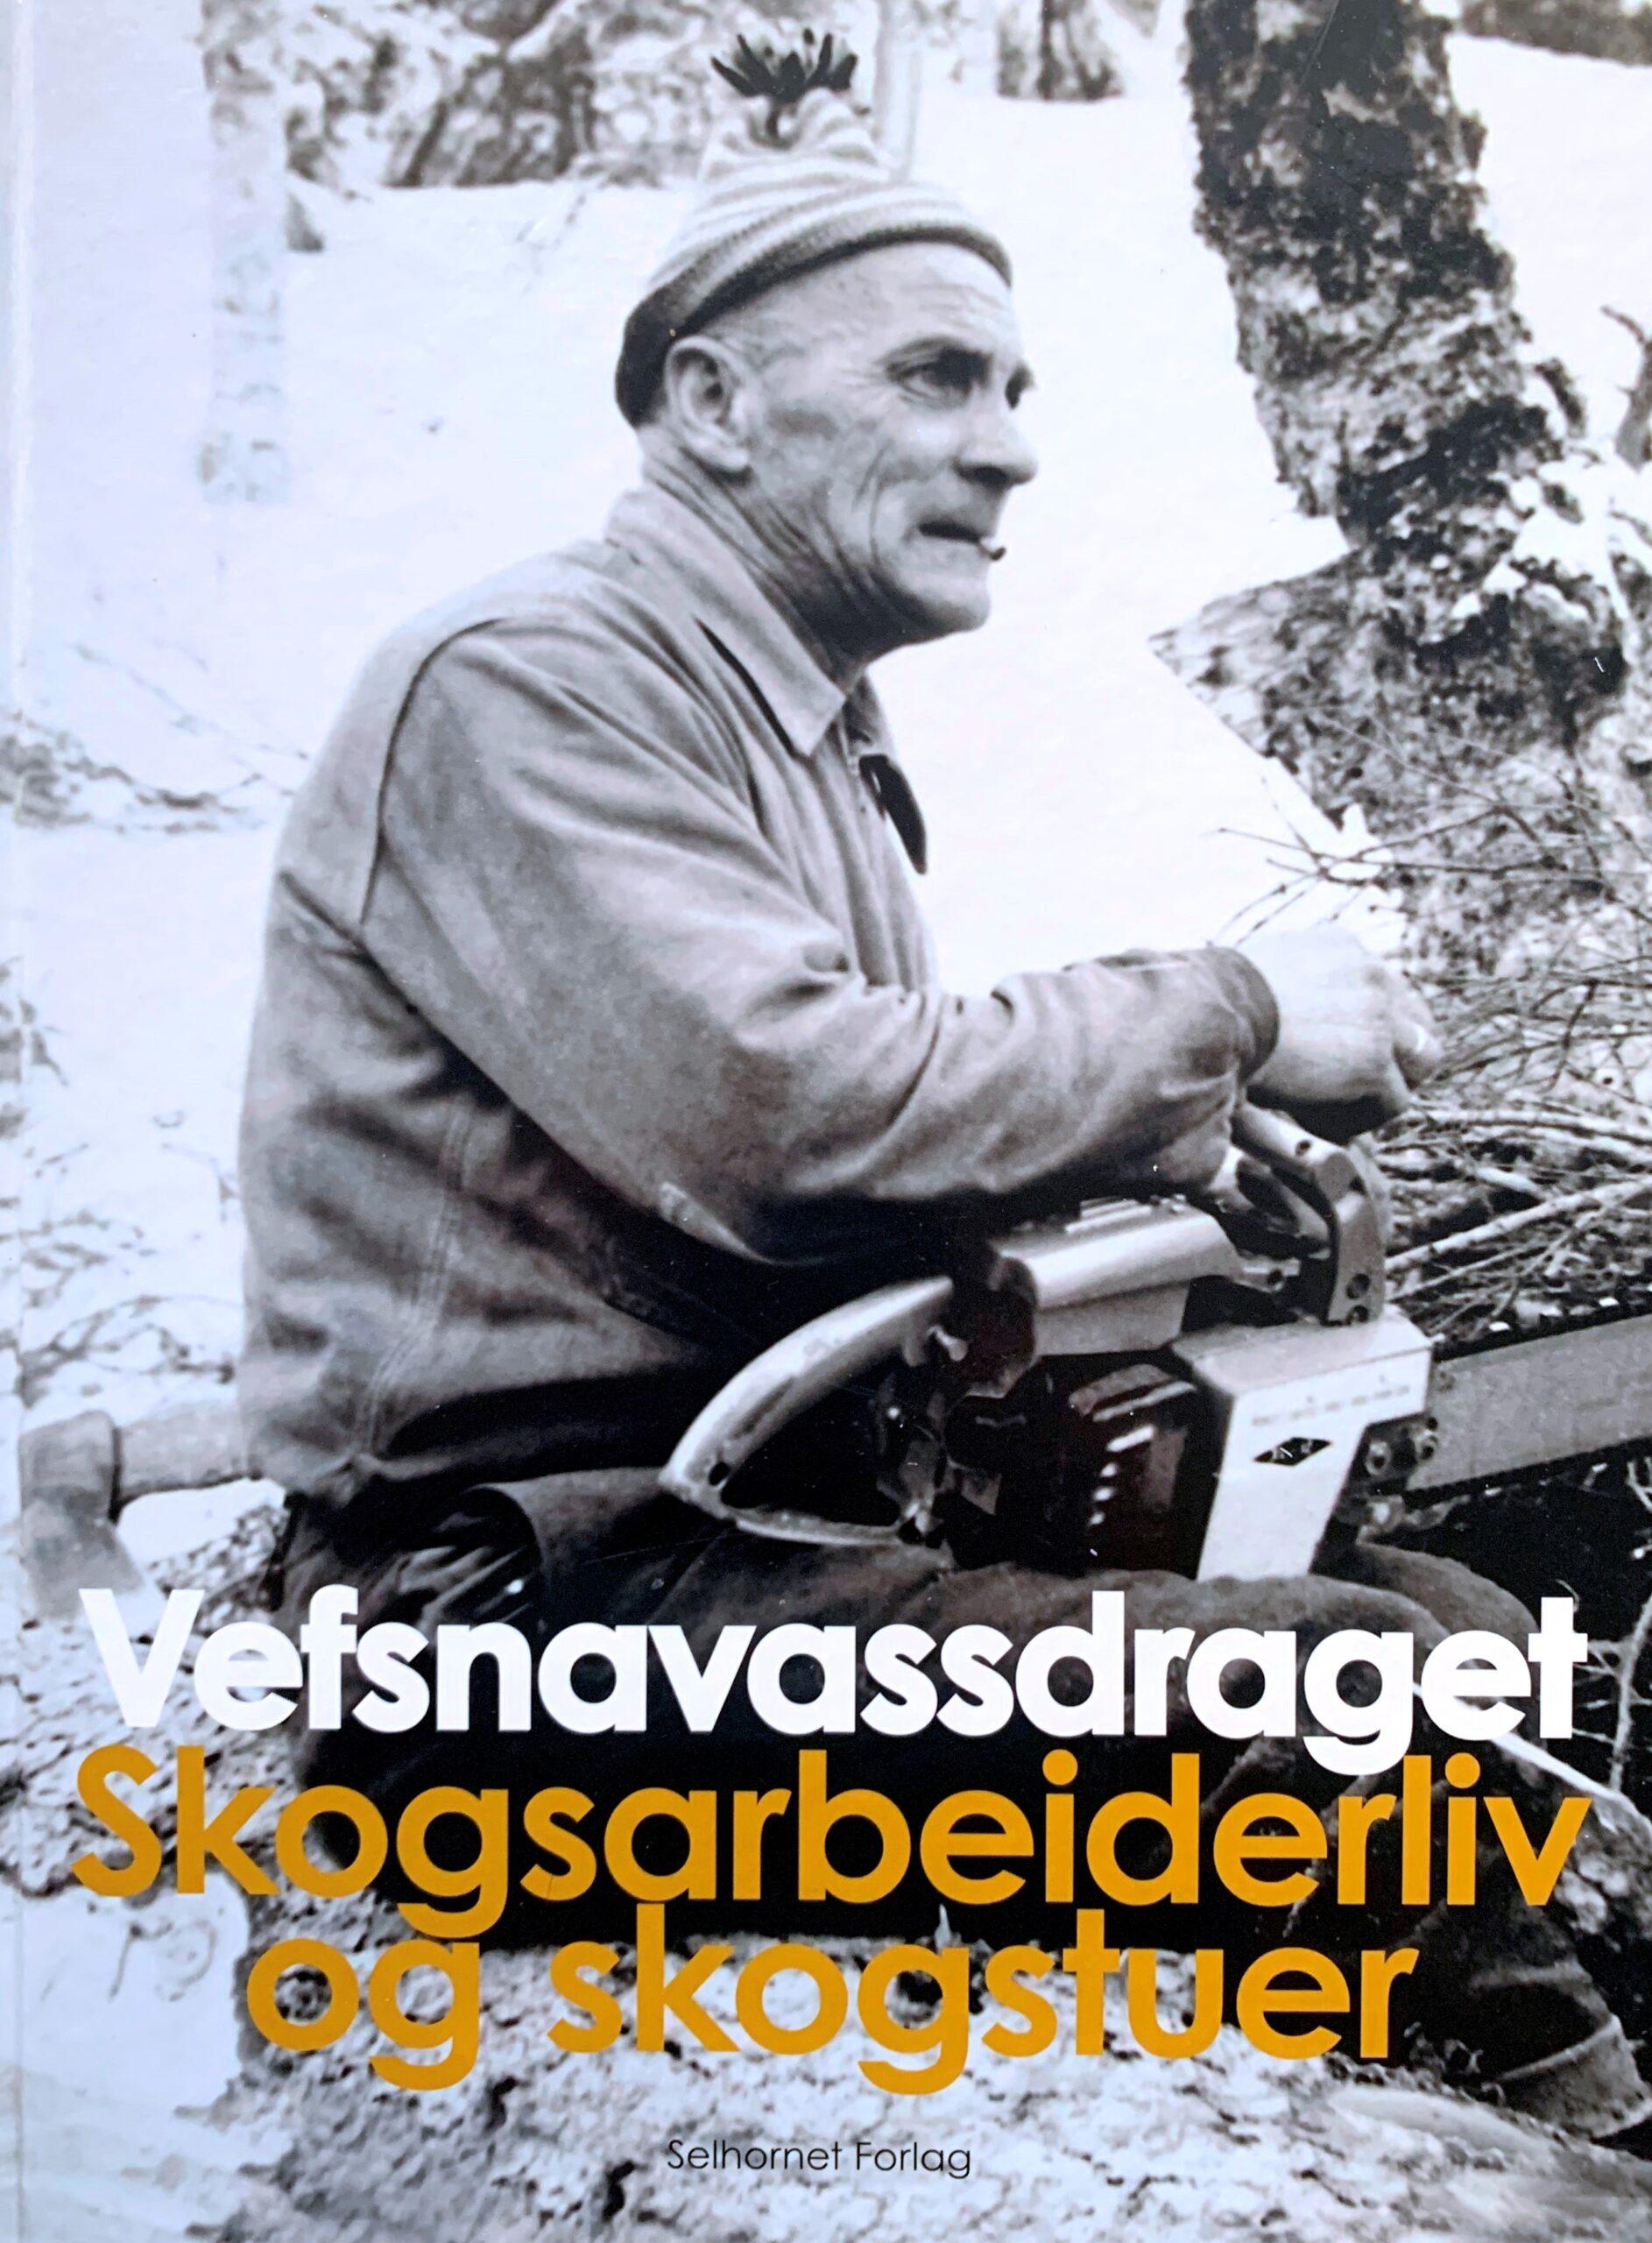 Omslag av boka Vefsnavassdraget Skogsarbeiderliv og skogsstuer